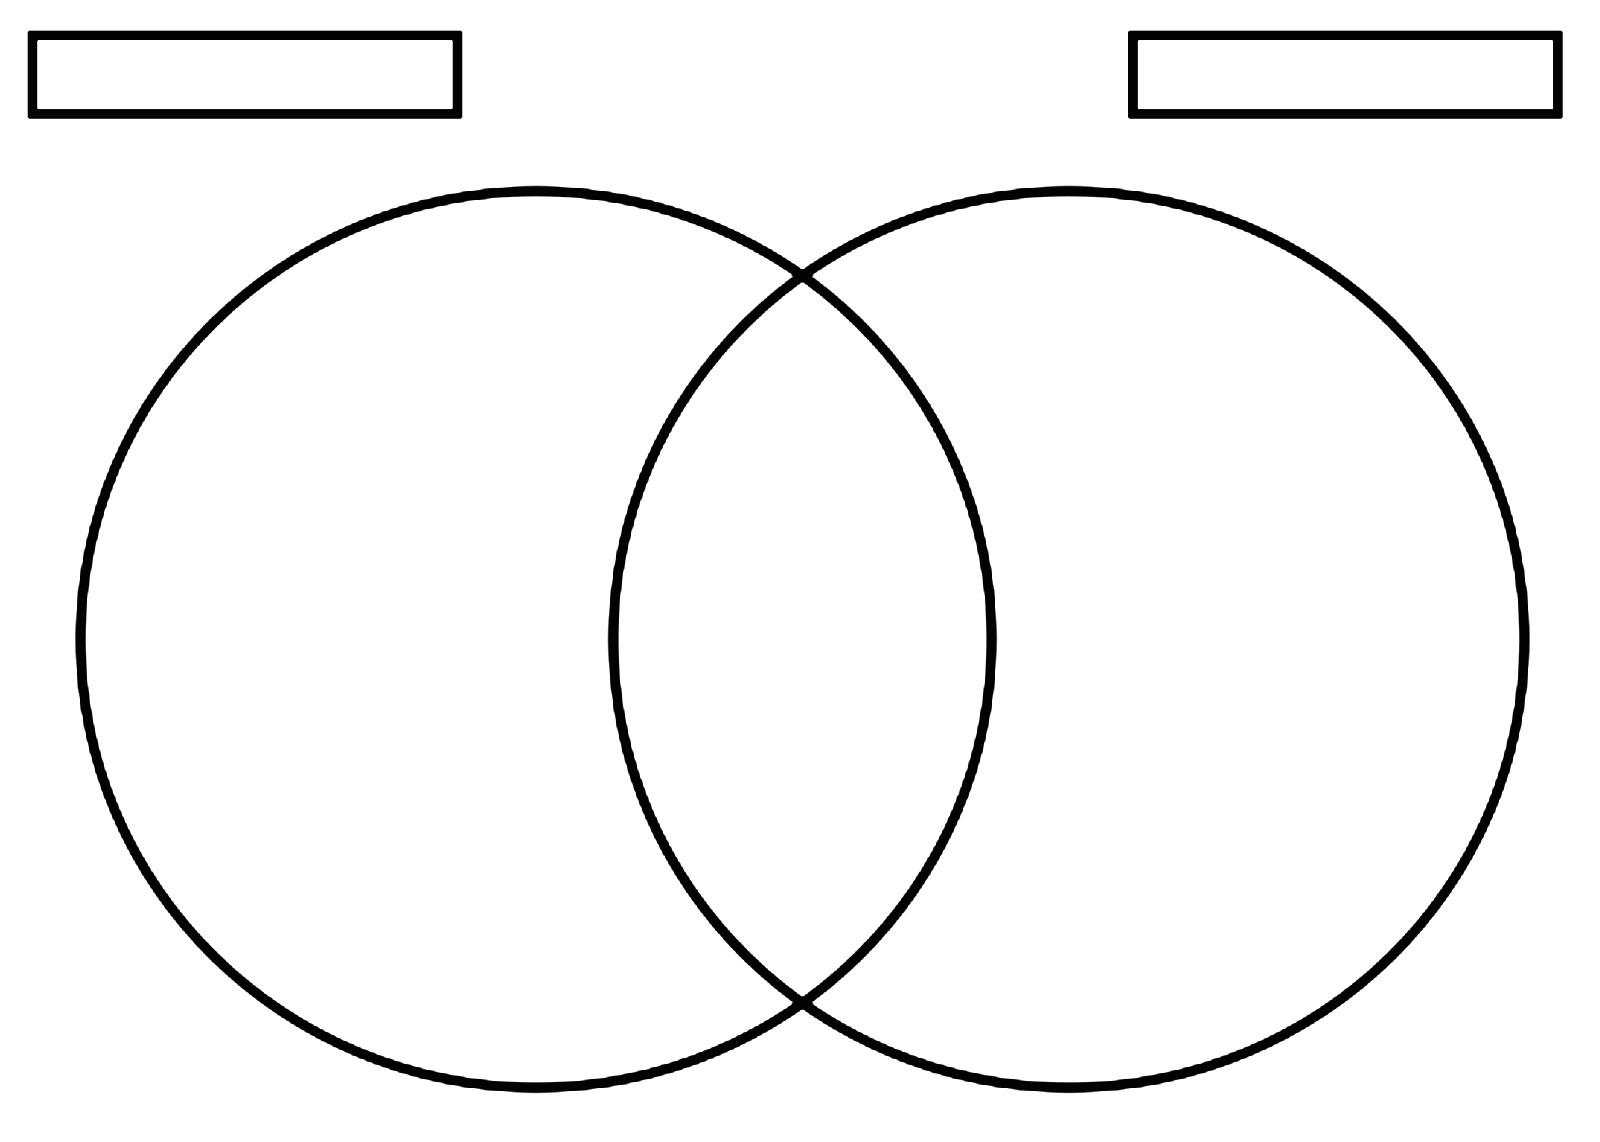 Venn Diagram Worksheet Fillable Venn Diagram Template Free Blank Venn Diagram Template